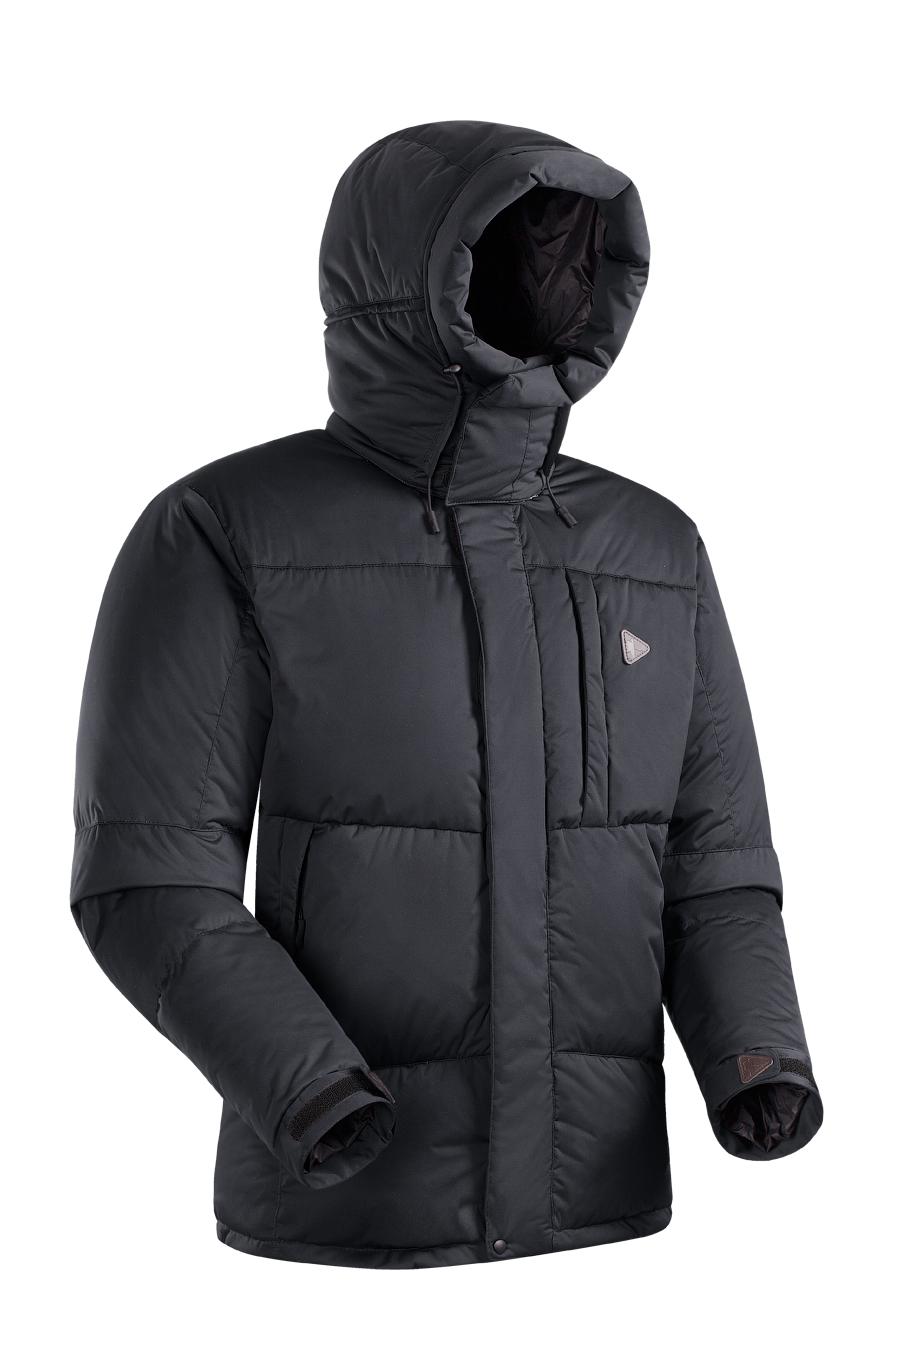 Пуховая куртка BASK AVALANCHE  LUXE 5452Куртки<br><br><br>Верхняя ткань: Advance® Lux<br>Вес граммы: 1650<br>Ветро-влагозащитные свойства верхней ткани: Да<br>Ветрозащитная планка: Да<br>Ветрозащитная юбка: Нет<br>Влагозащитные молнии: Нет<br>Внутренняя ткань: Advance® Classic<br>Водонепроницаемость: 10000<br>Дублирующий центральную молнию клапан: Да<br>Защитный козырёк капюшона: Нет<br>Капюшон: Съемный<br>Количество внешних карманов: 3<br>Количество внутренних карманов: 2<br>Коллекция: BASK CITY<br>Мембрана: Да<br>Объемный крой локтевой зоны: Нет<br>Отстёгивающиеся рукава: Нет<br>Паропроницаемость: 20000<br>Показатель Fill Power (для пуховых изделий): 600<br>Пол: Мужской<br>Проклейка швов: Нет<br>Регулировка манжетов рукавов: Да<br>Регулировка низа: Да<br>Регулировка объёма капюшона: Да<br>Регулировка талии: Нет<br>Регулируемые вентиляционные отверстия: Нет<br>Световозвращающая лента: Нет<br>Температурный режим: -15<br>Технология швов: Простые<br>Тип молнии: Двухзамковая<br>Тип утеплителя: Натуральный<br>Ткань усиления: Нет<br>Усиление контактных зон: Нет<br>Утеплитель: Гусиный пух<br>Размер RU: 48<br>Цвет: ЧЕРНЫЙ